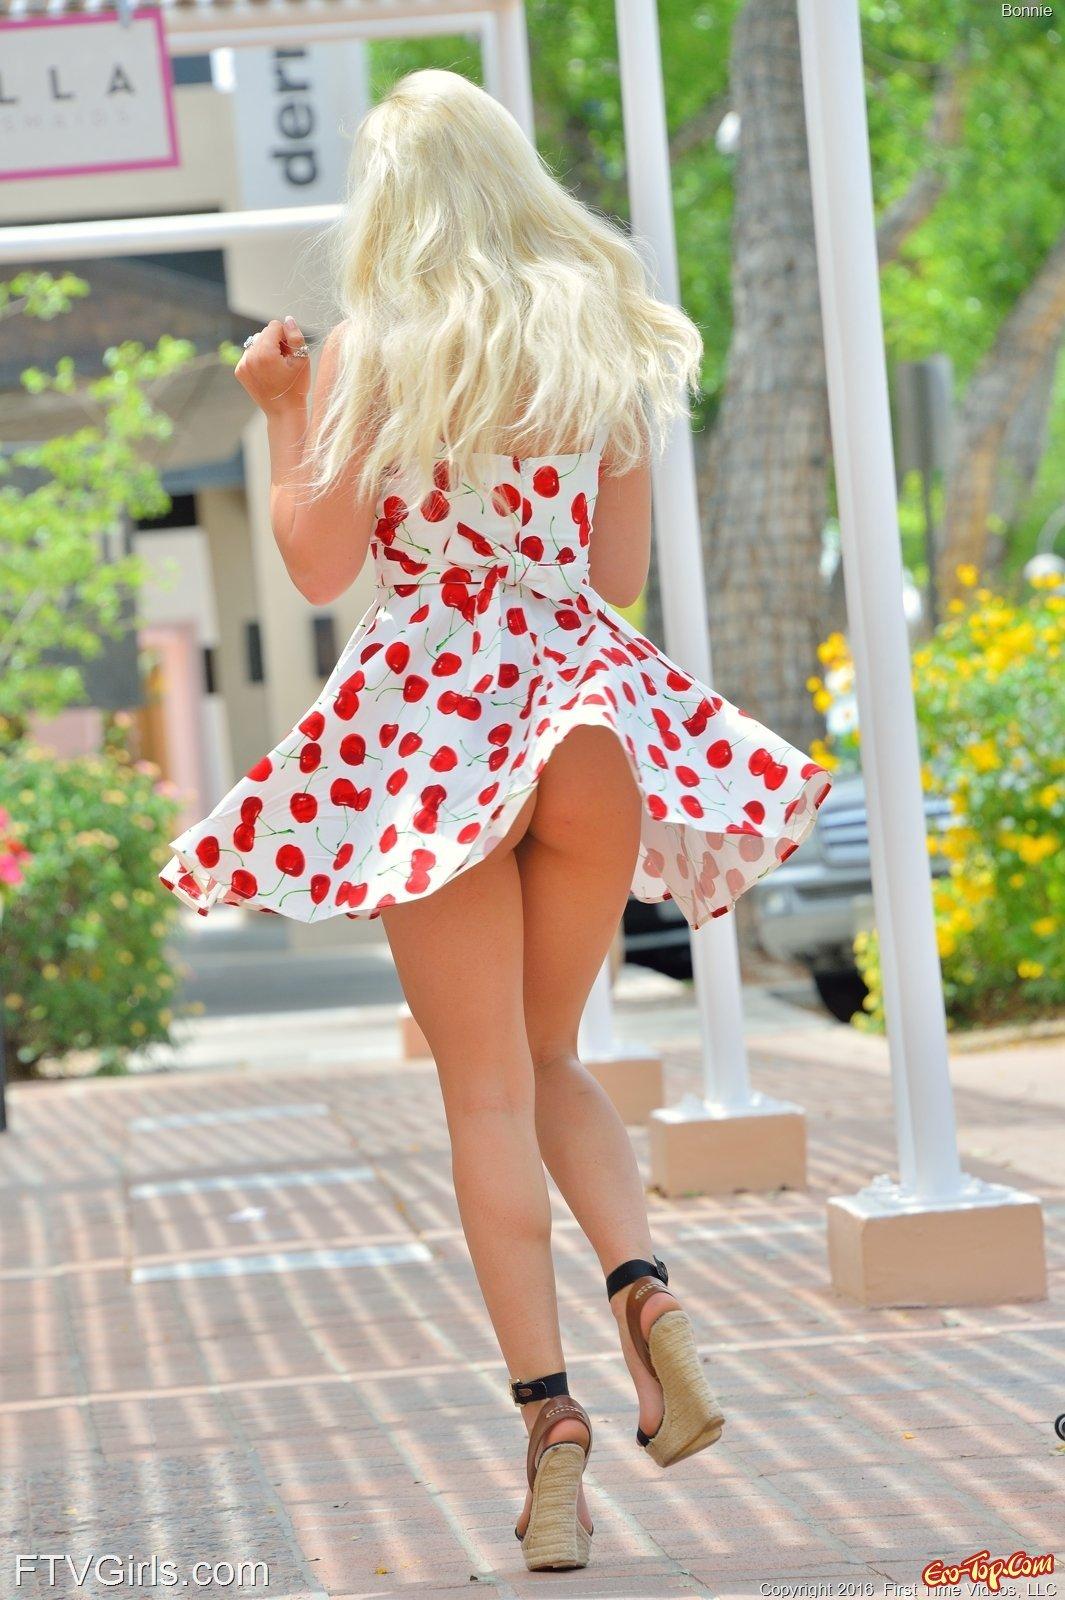 Под платьем без нижнего белья секс фото